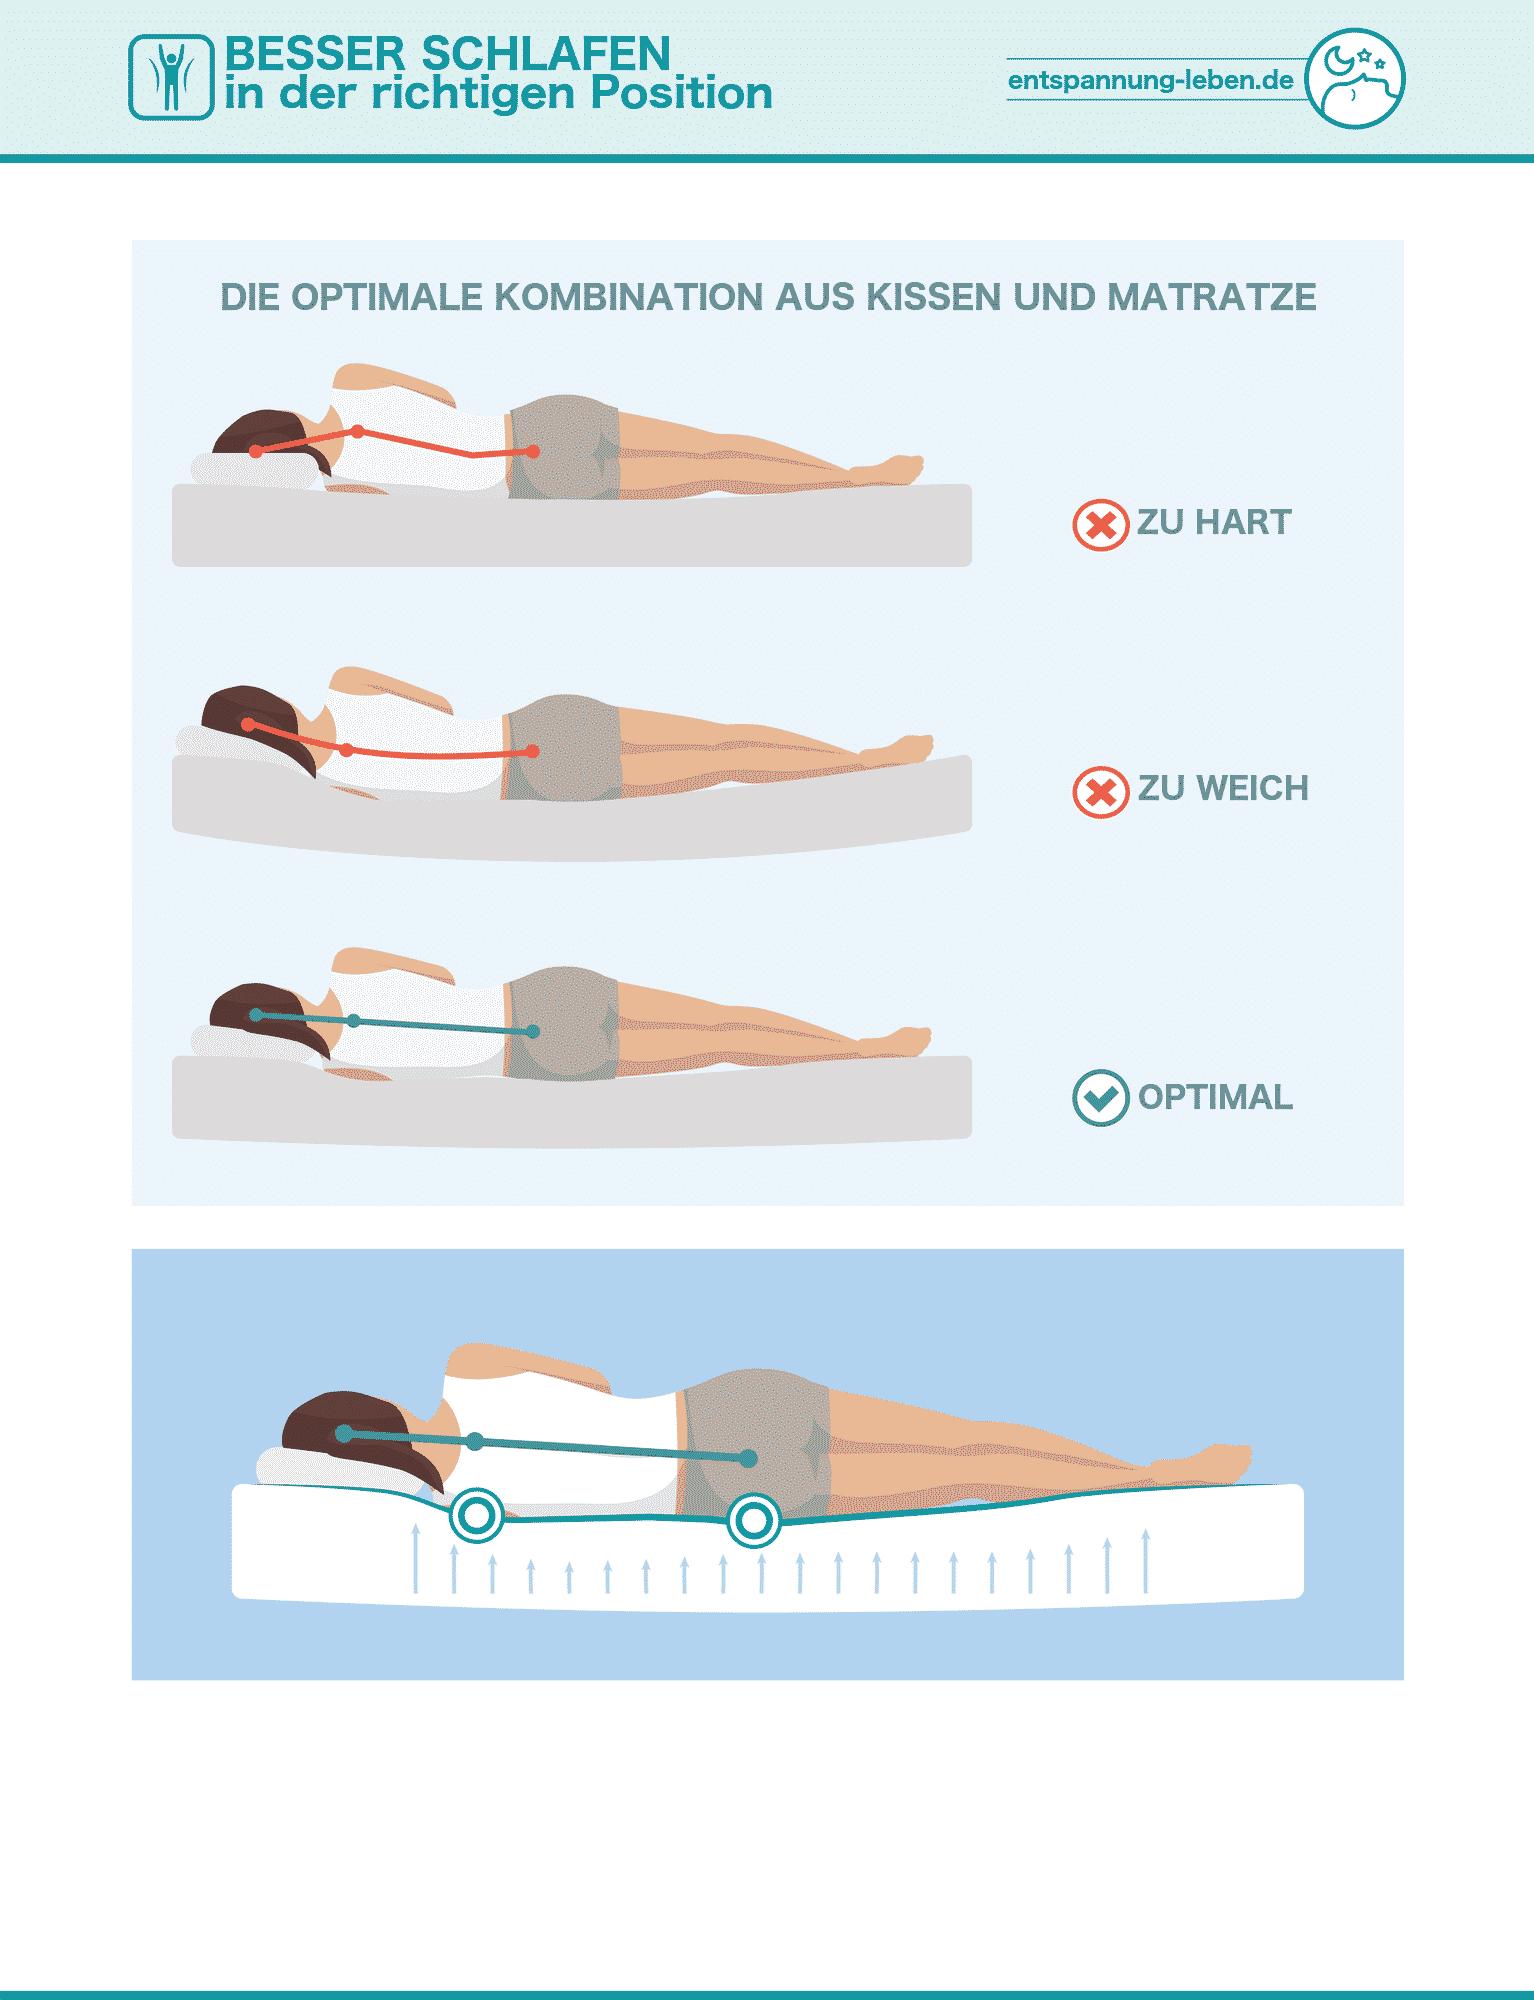 Schlafpositionen Kissen und Matratze